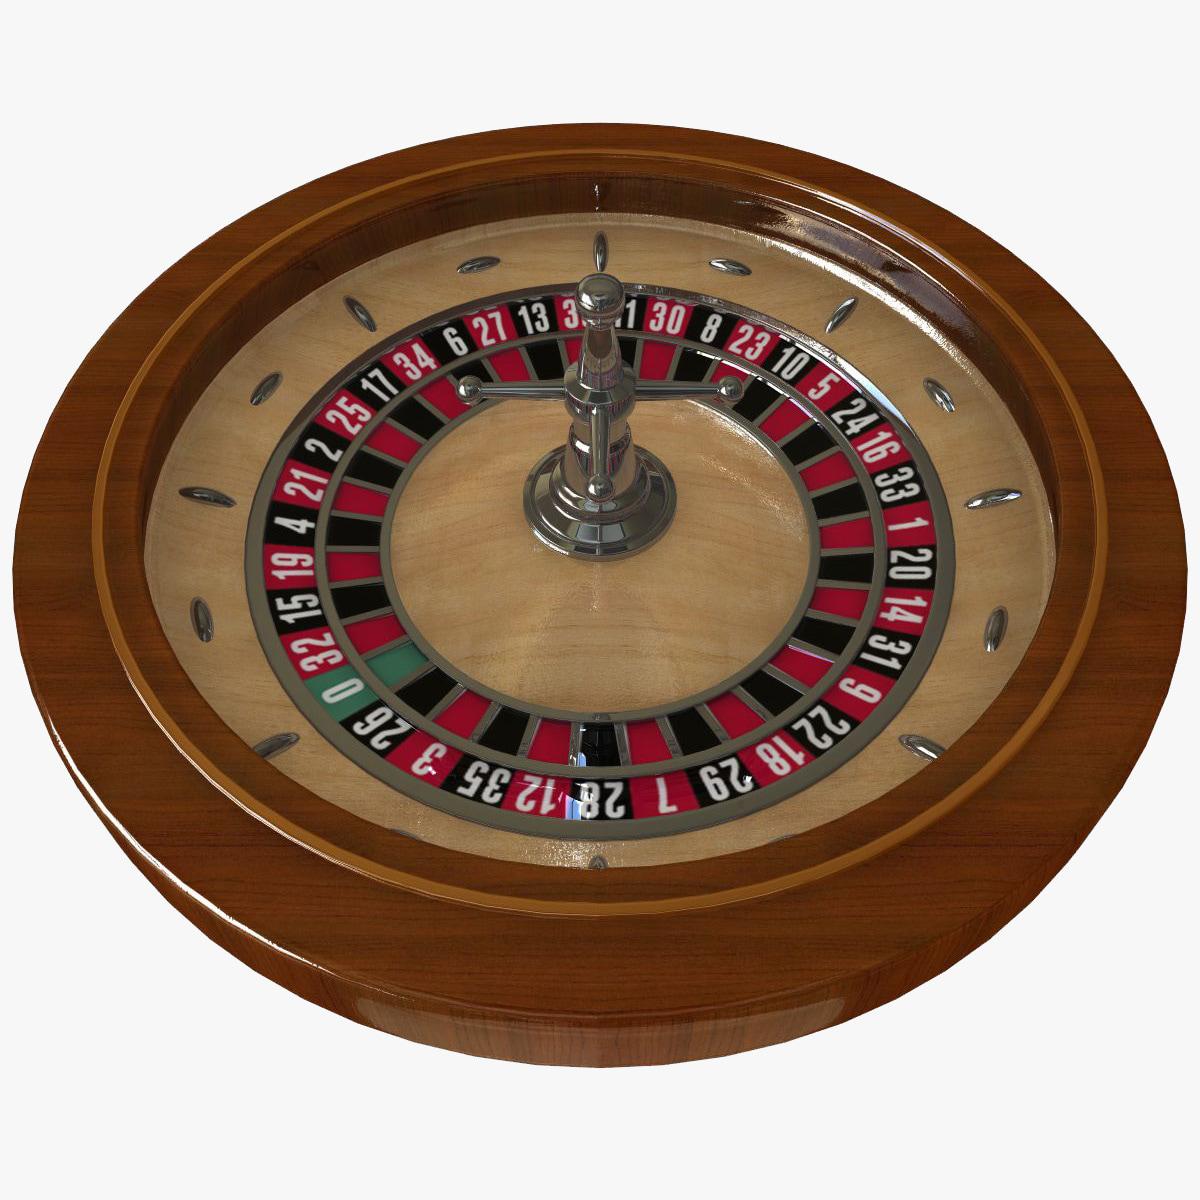 Roulette_00.jpg